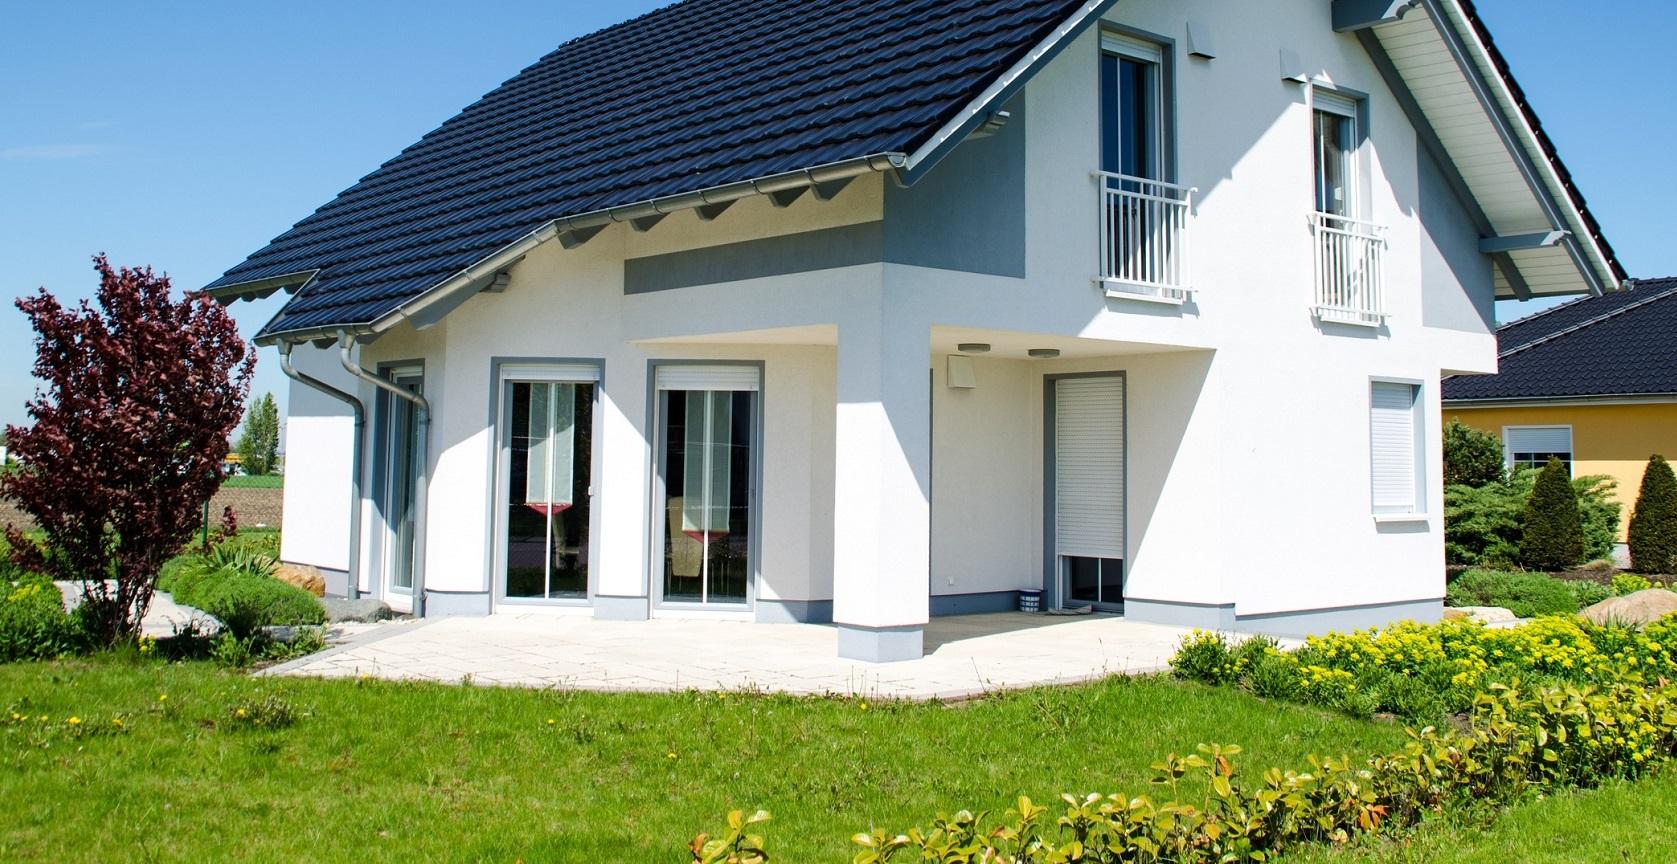 chasseur-immobilier-iledefrance-maison-residentiel-achat-location-gestion-vueexterieure